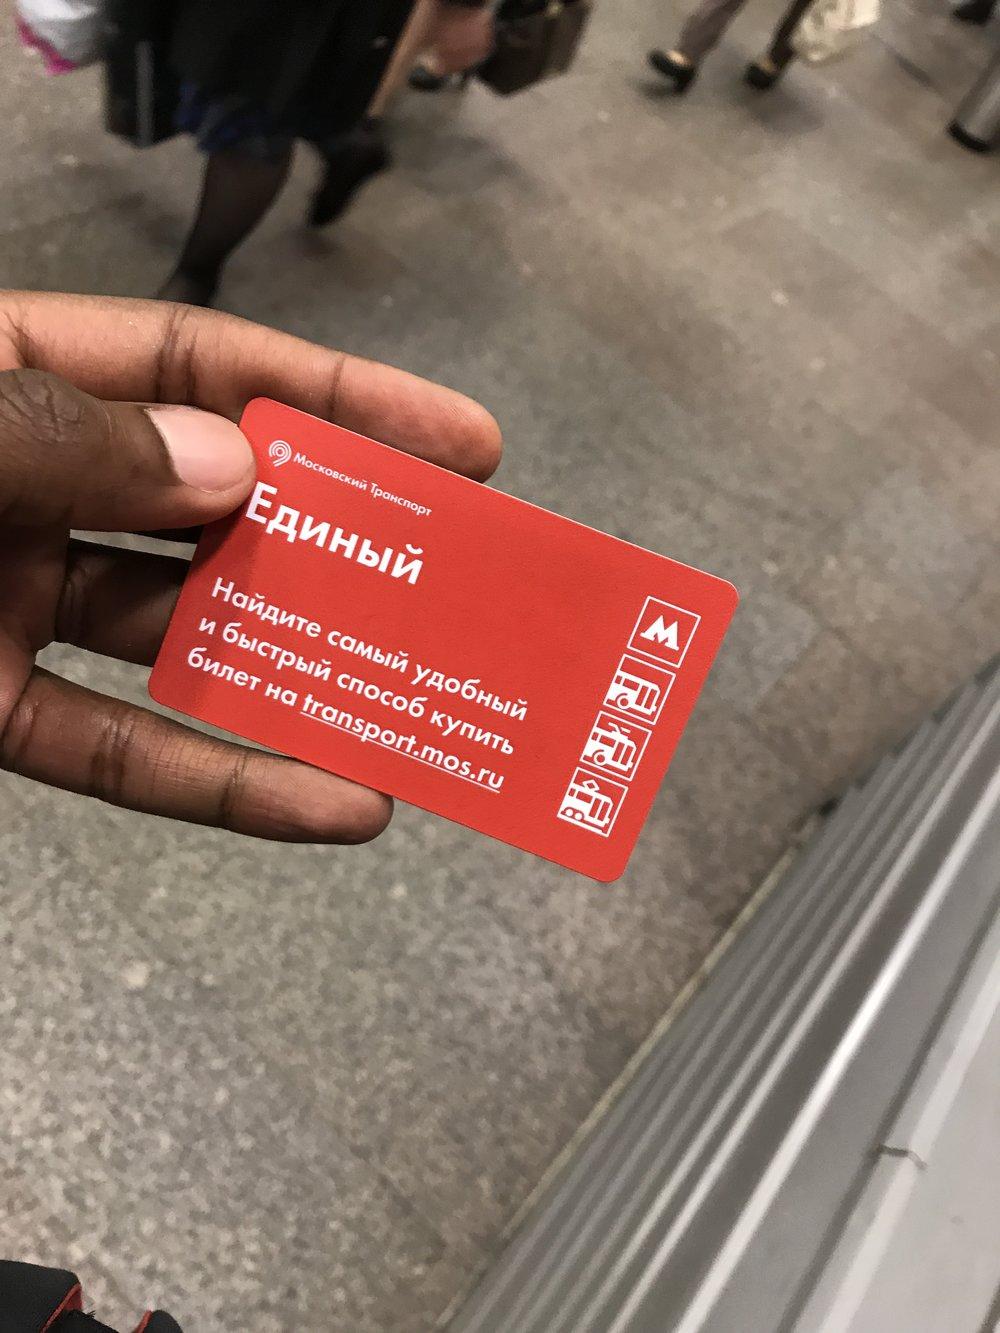 بطاقة المترو وسط المدينة